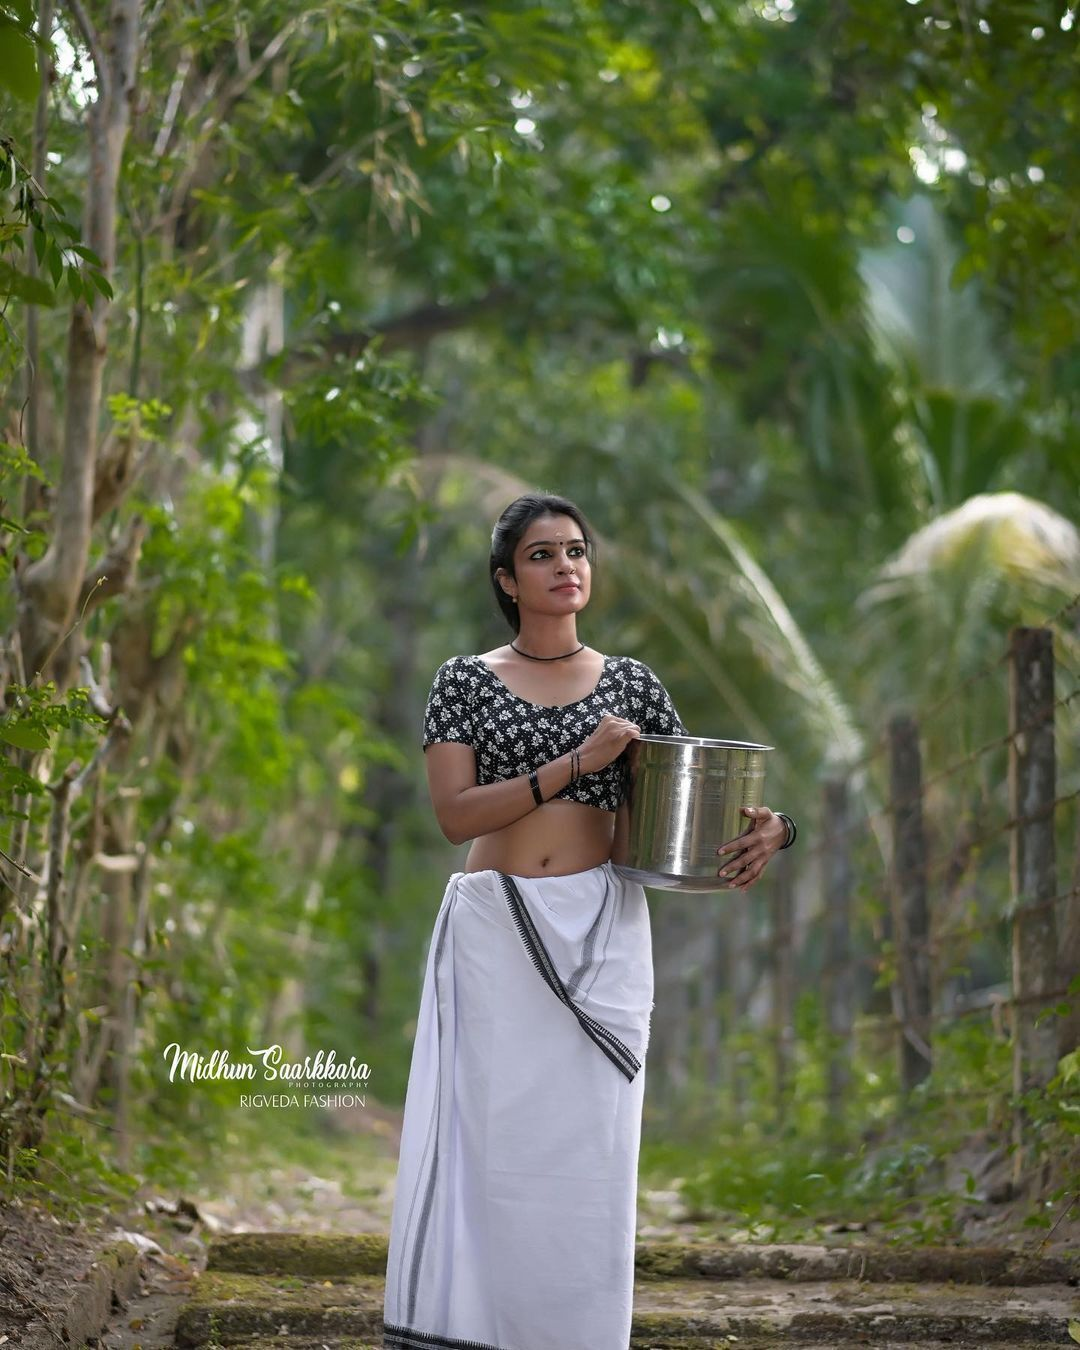 നാടൻ സുന്ദരിയായി ആതിര ജയചന്ദ്രൻ- ചിത്രങ്ങൾ കാണാം